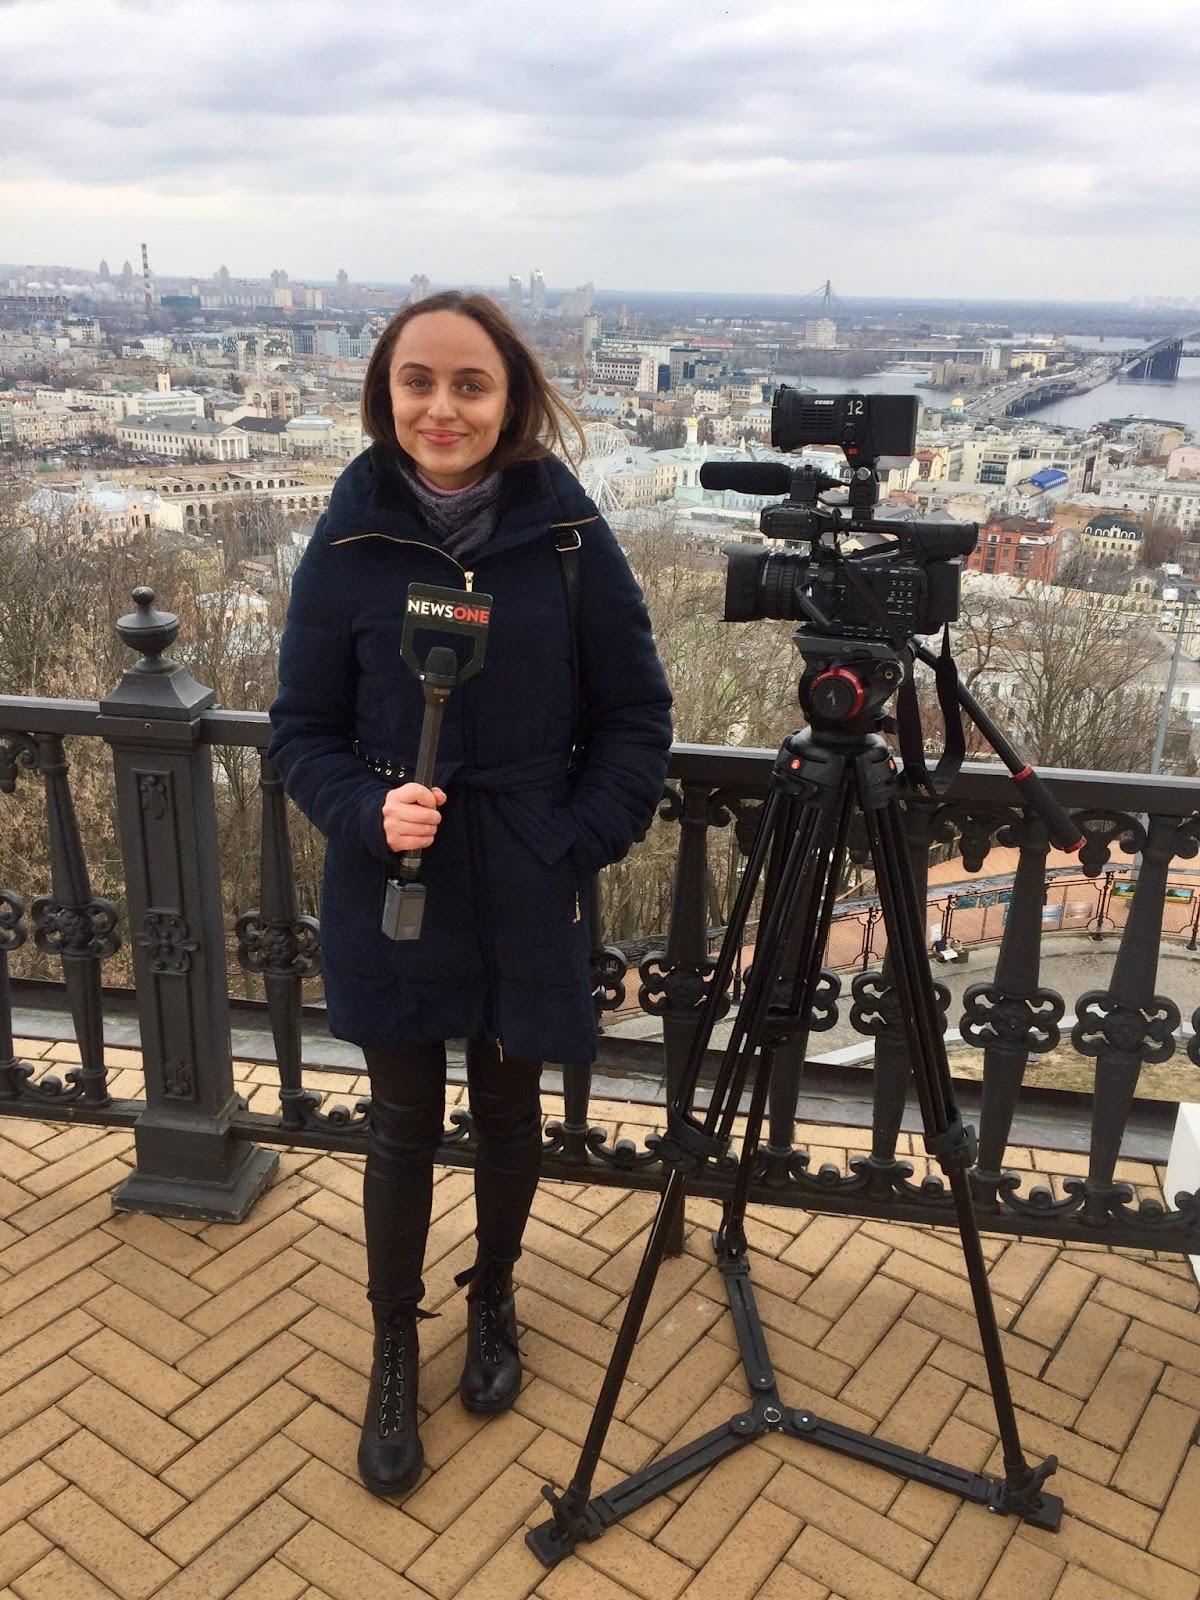 Журналістка телеканалу NewsOne Тетяна Жембоцька скаржилася на виступ Любові Величко і знімала її на мобільний телефон без жодних пояснень